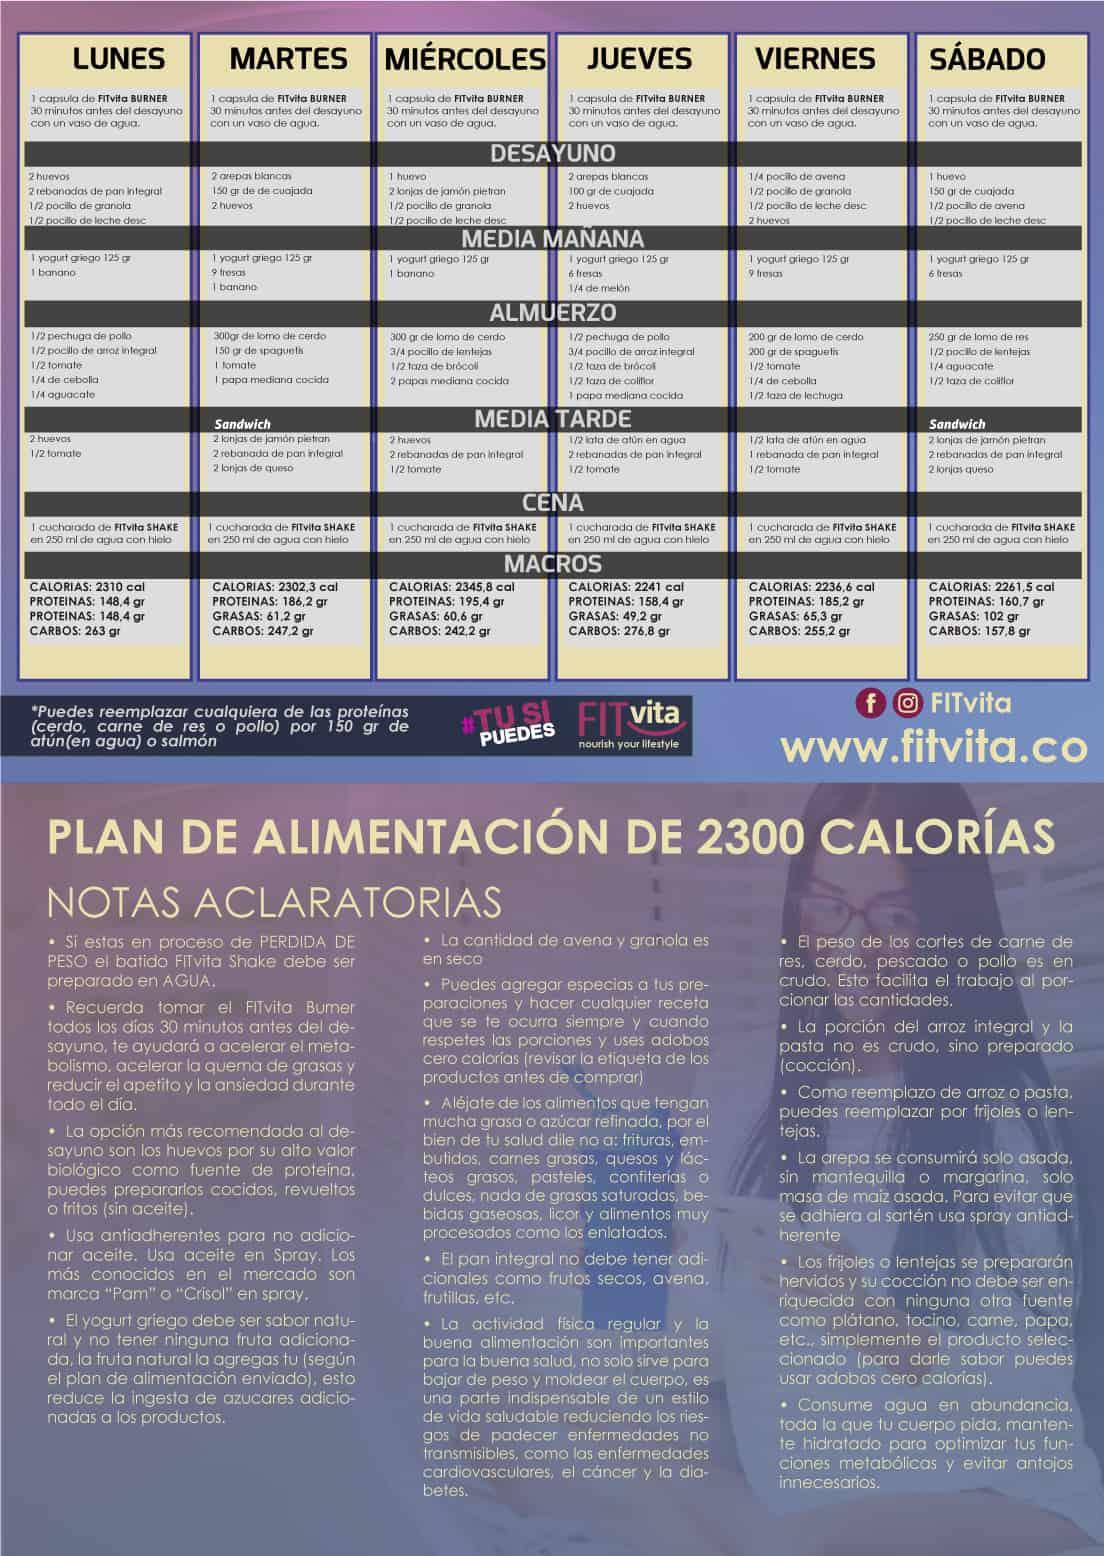 plan de alimentación de 2300 calorías - FITvita